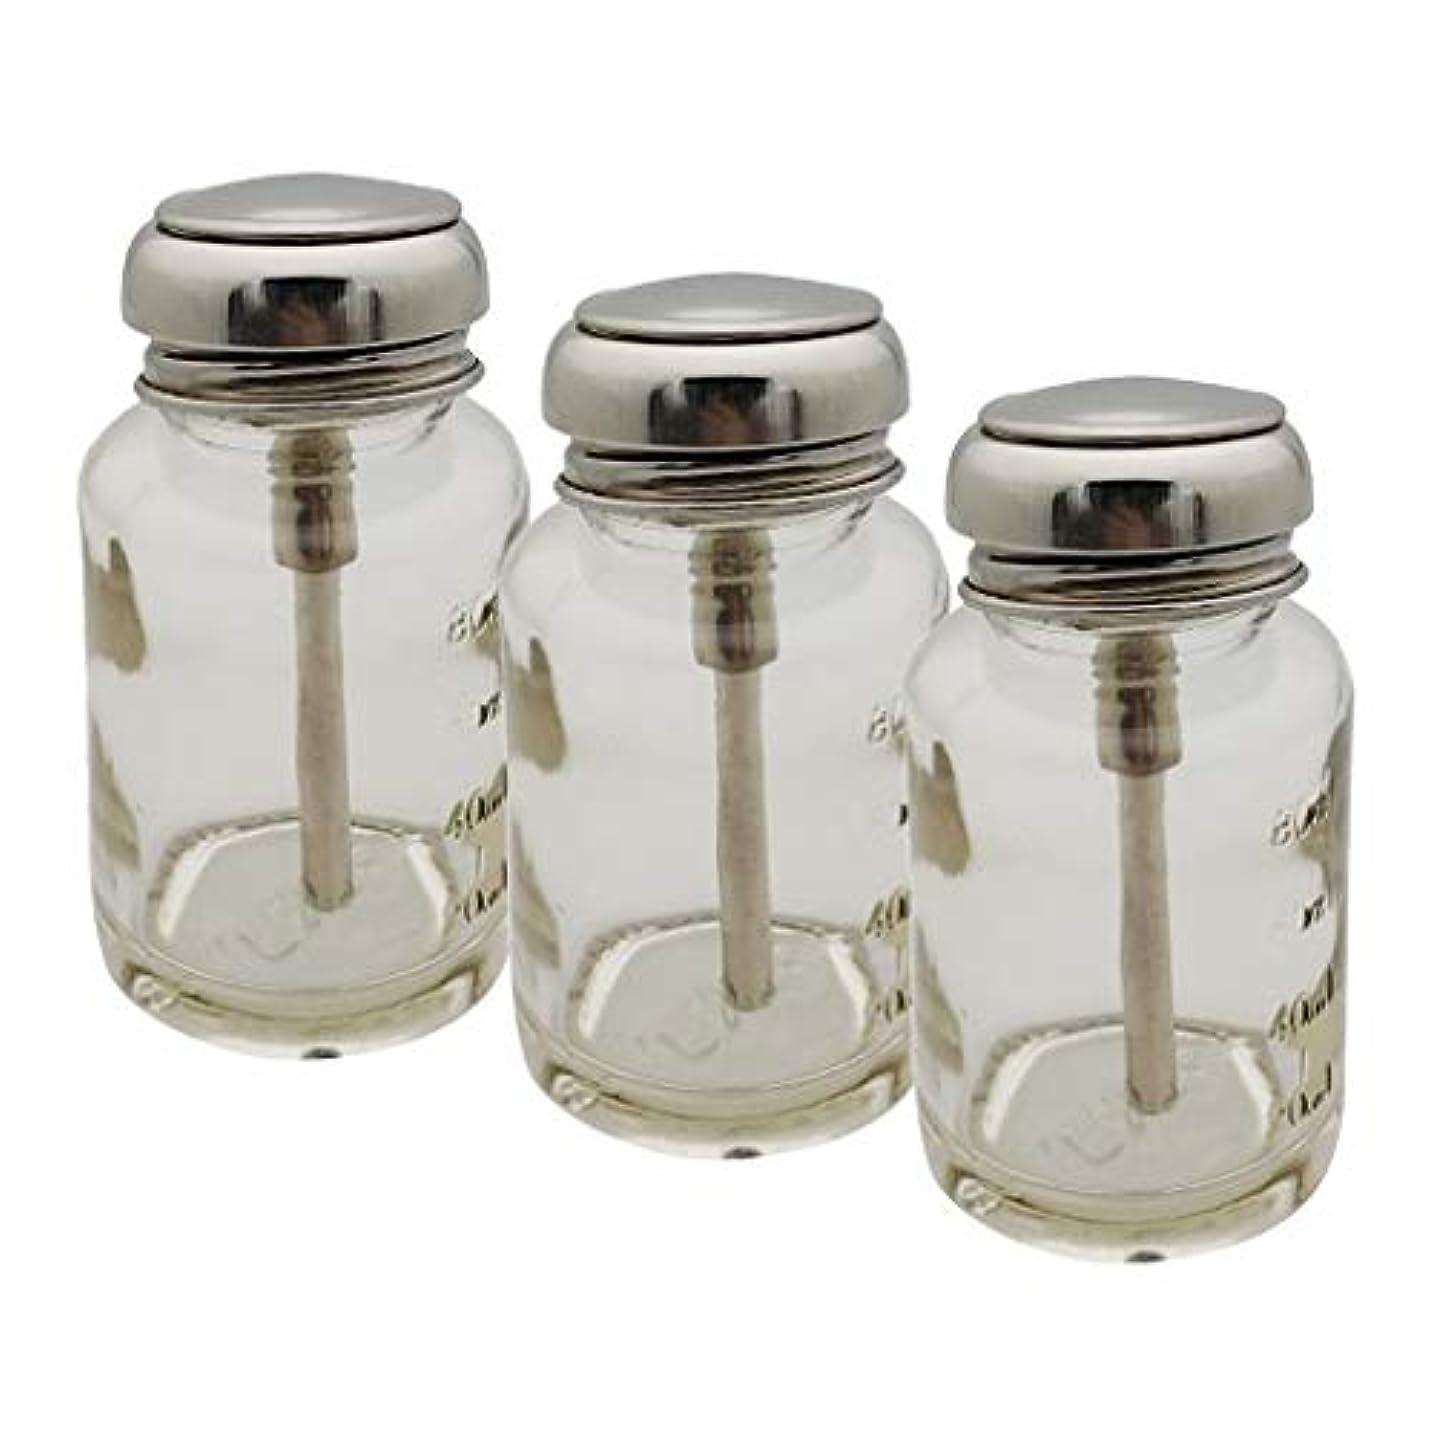 粘着性計算可能マネージャーCUTICATE ポンプディスペンサー ネイル ポンプボトル 容器 ネイルクリーナーボトル 充填簡単 防食 丈夫 3個入り